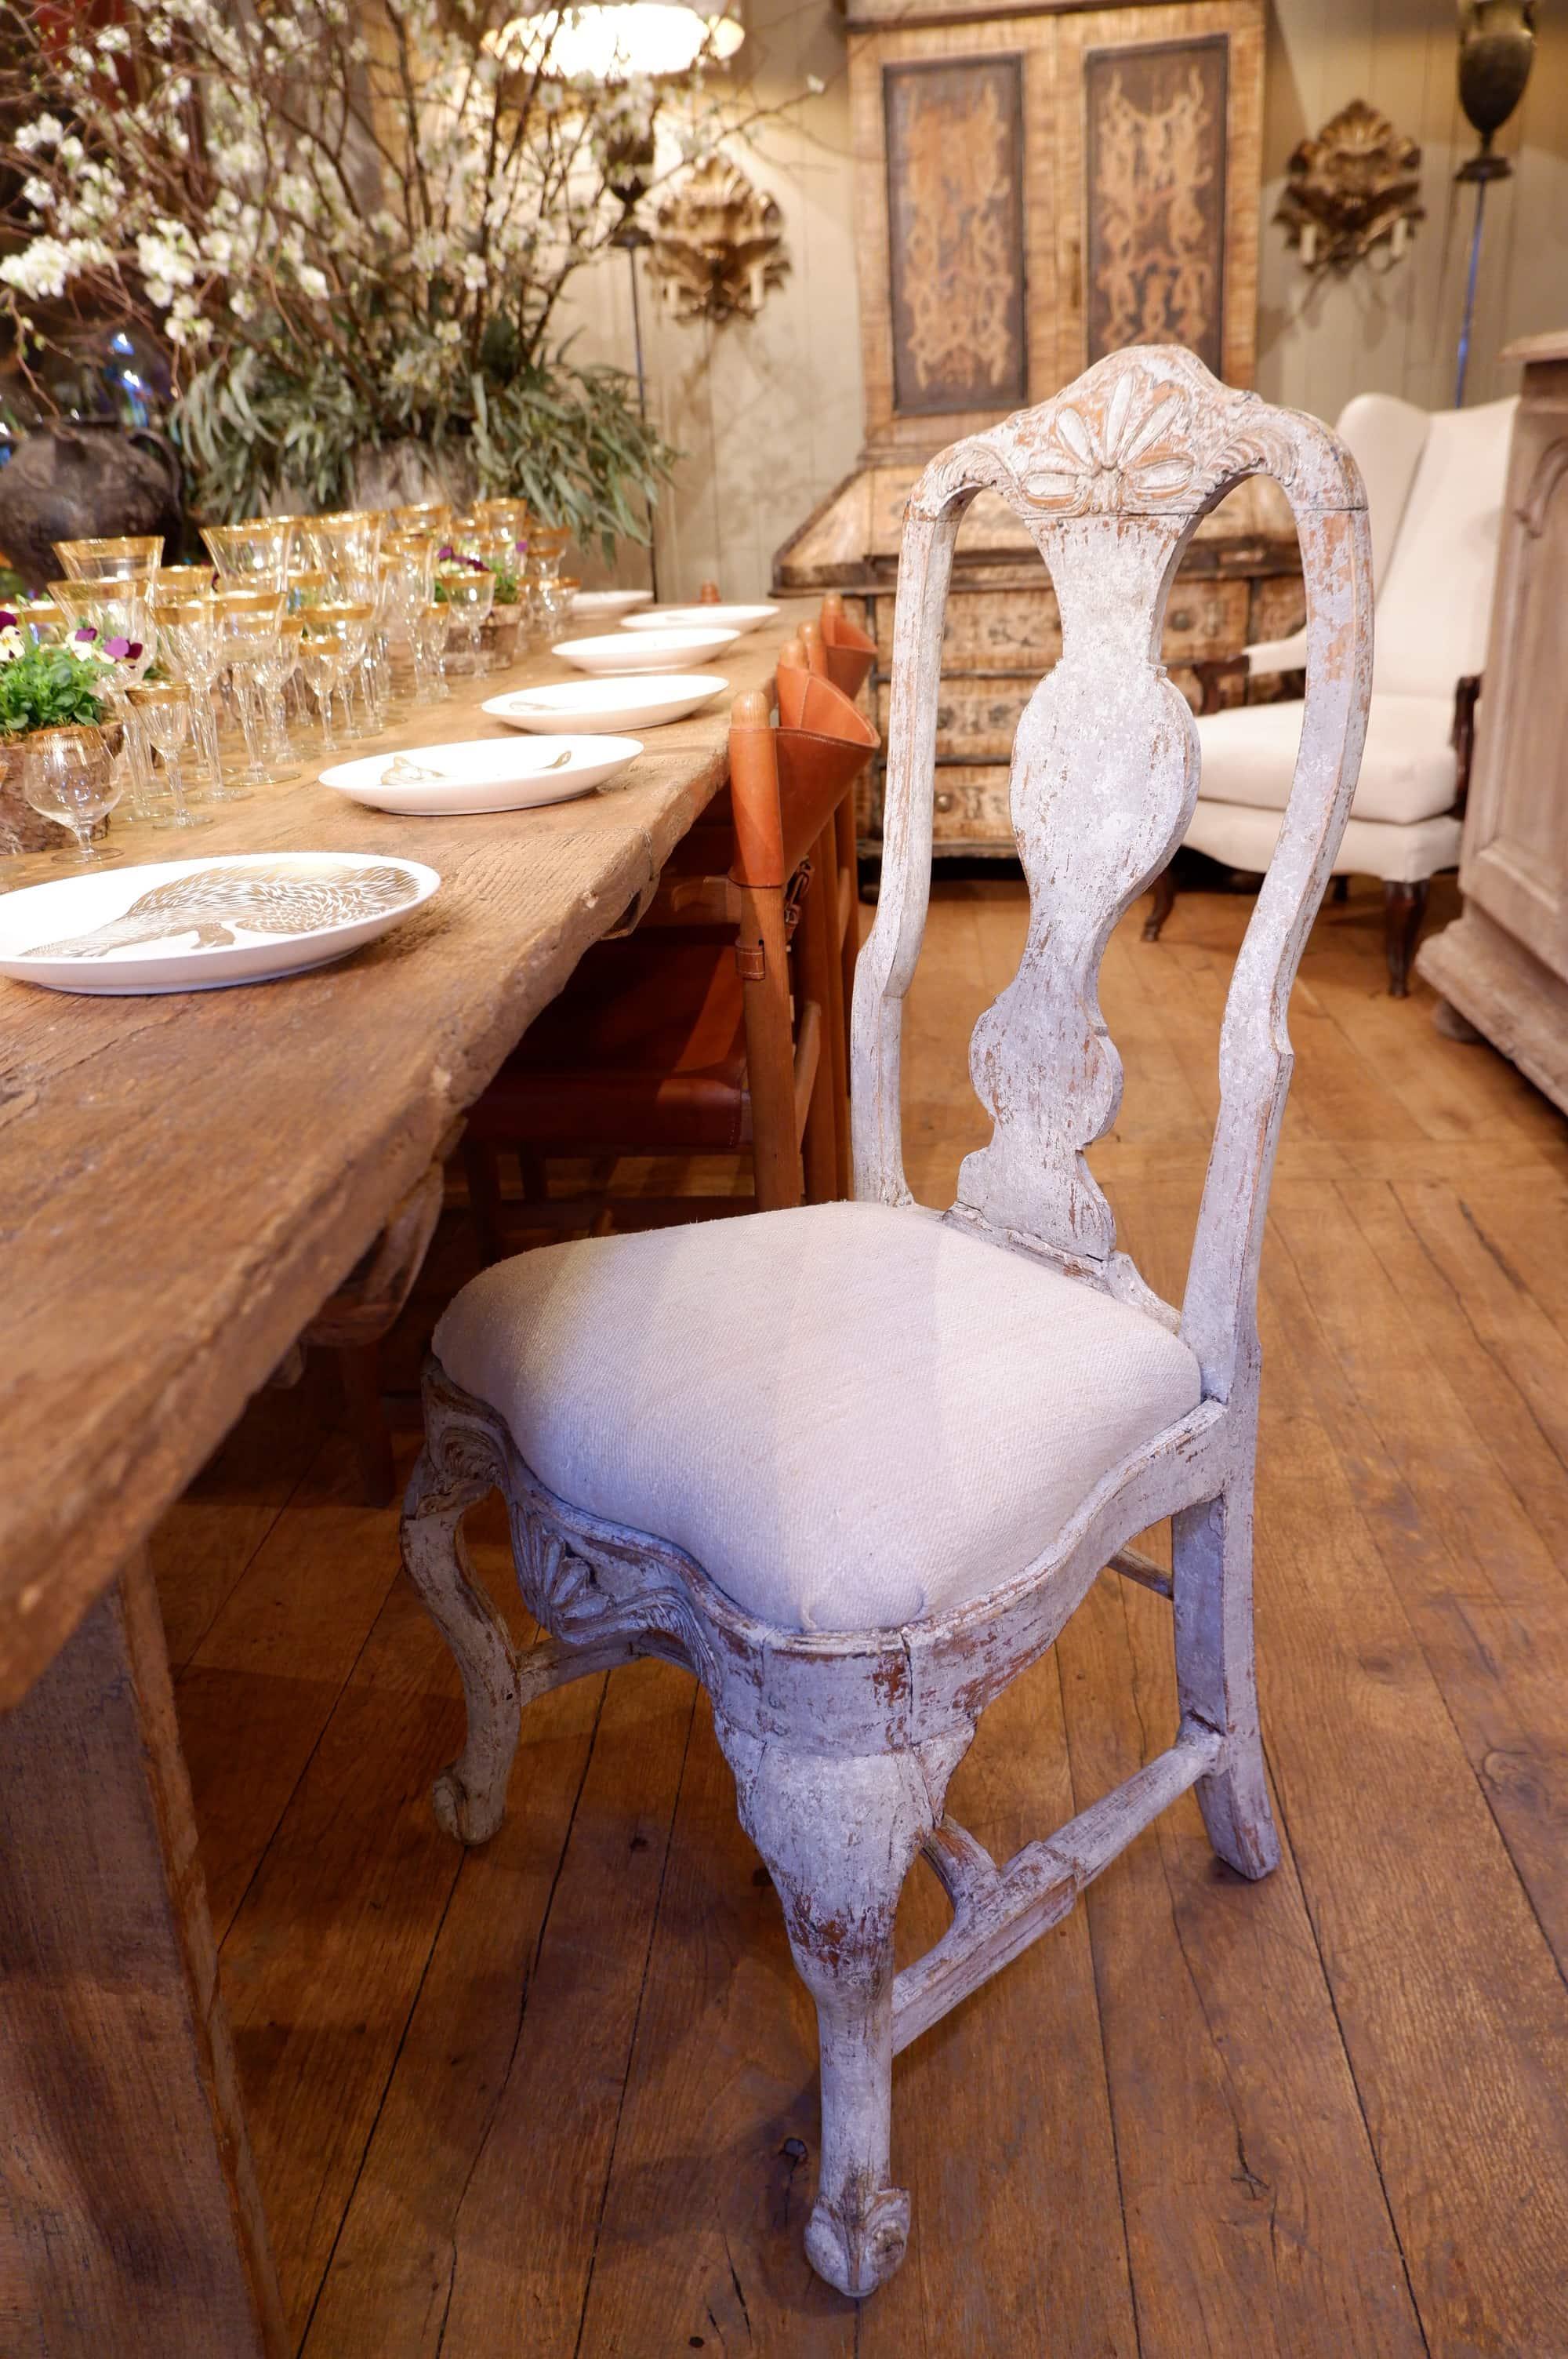 Suite de 10 chaises Roccoco suédoises patine blanche – XVIIIe